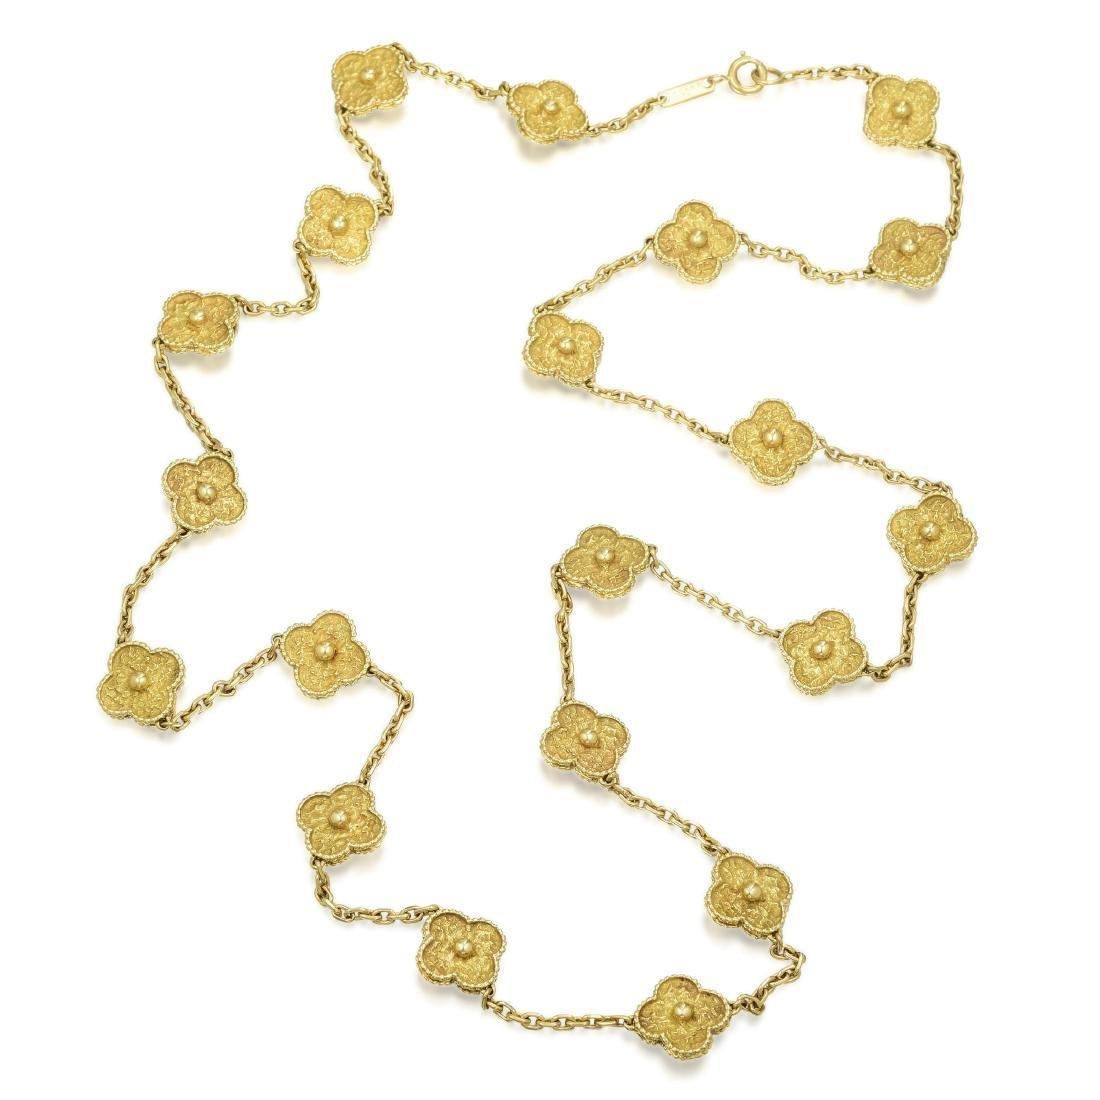 Van Cleef & Arpels Gold Vintage Alhambra Long Necklace, - 2